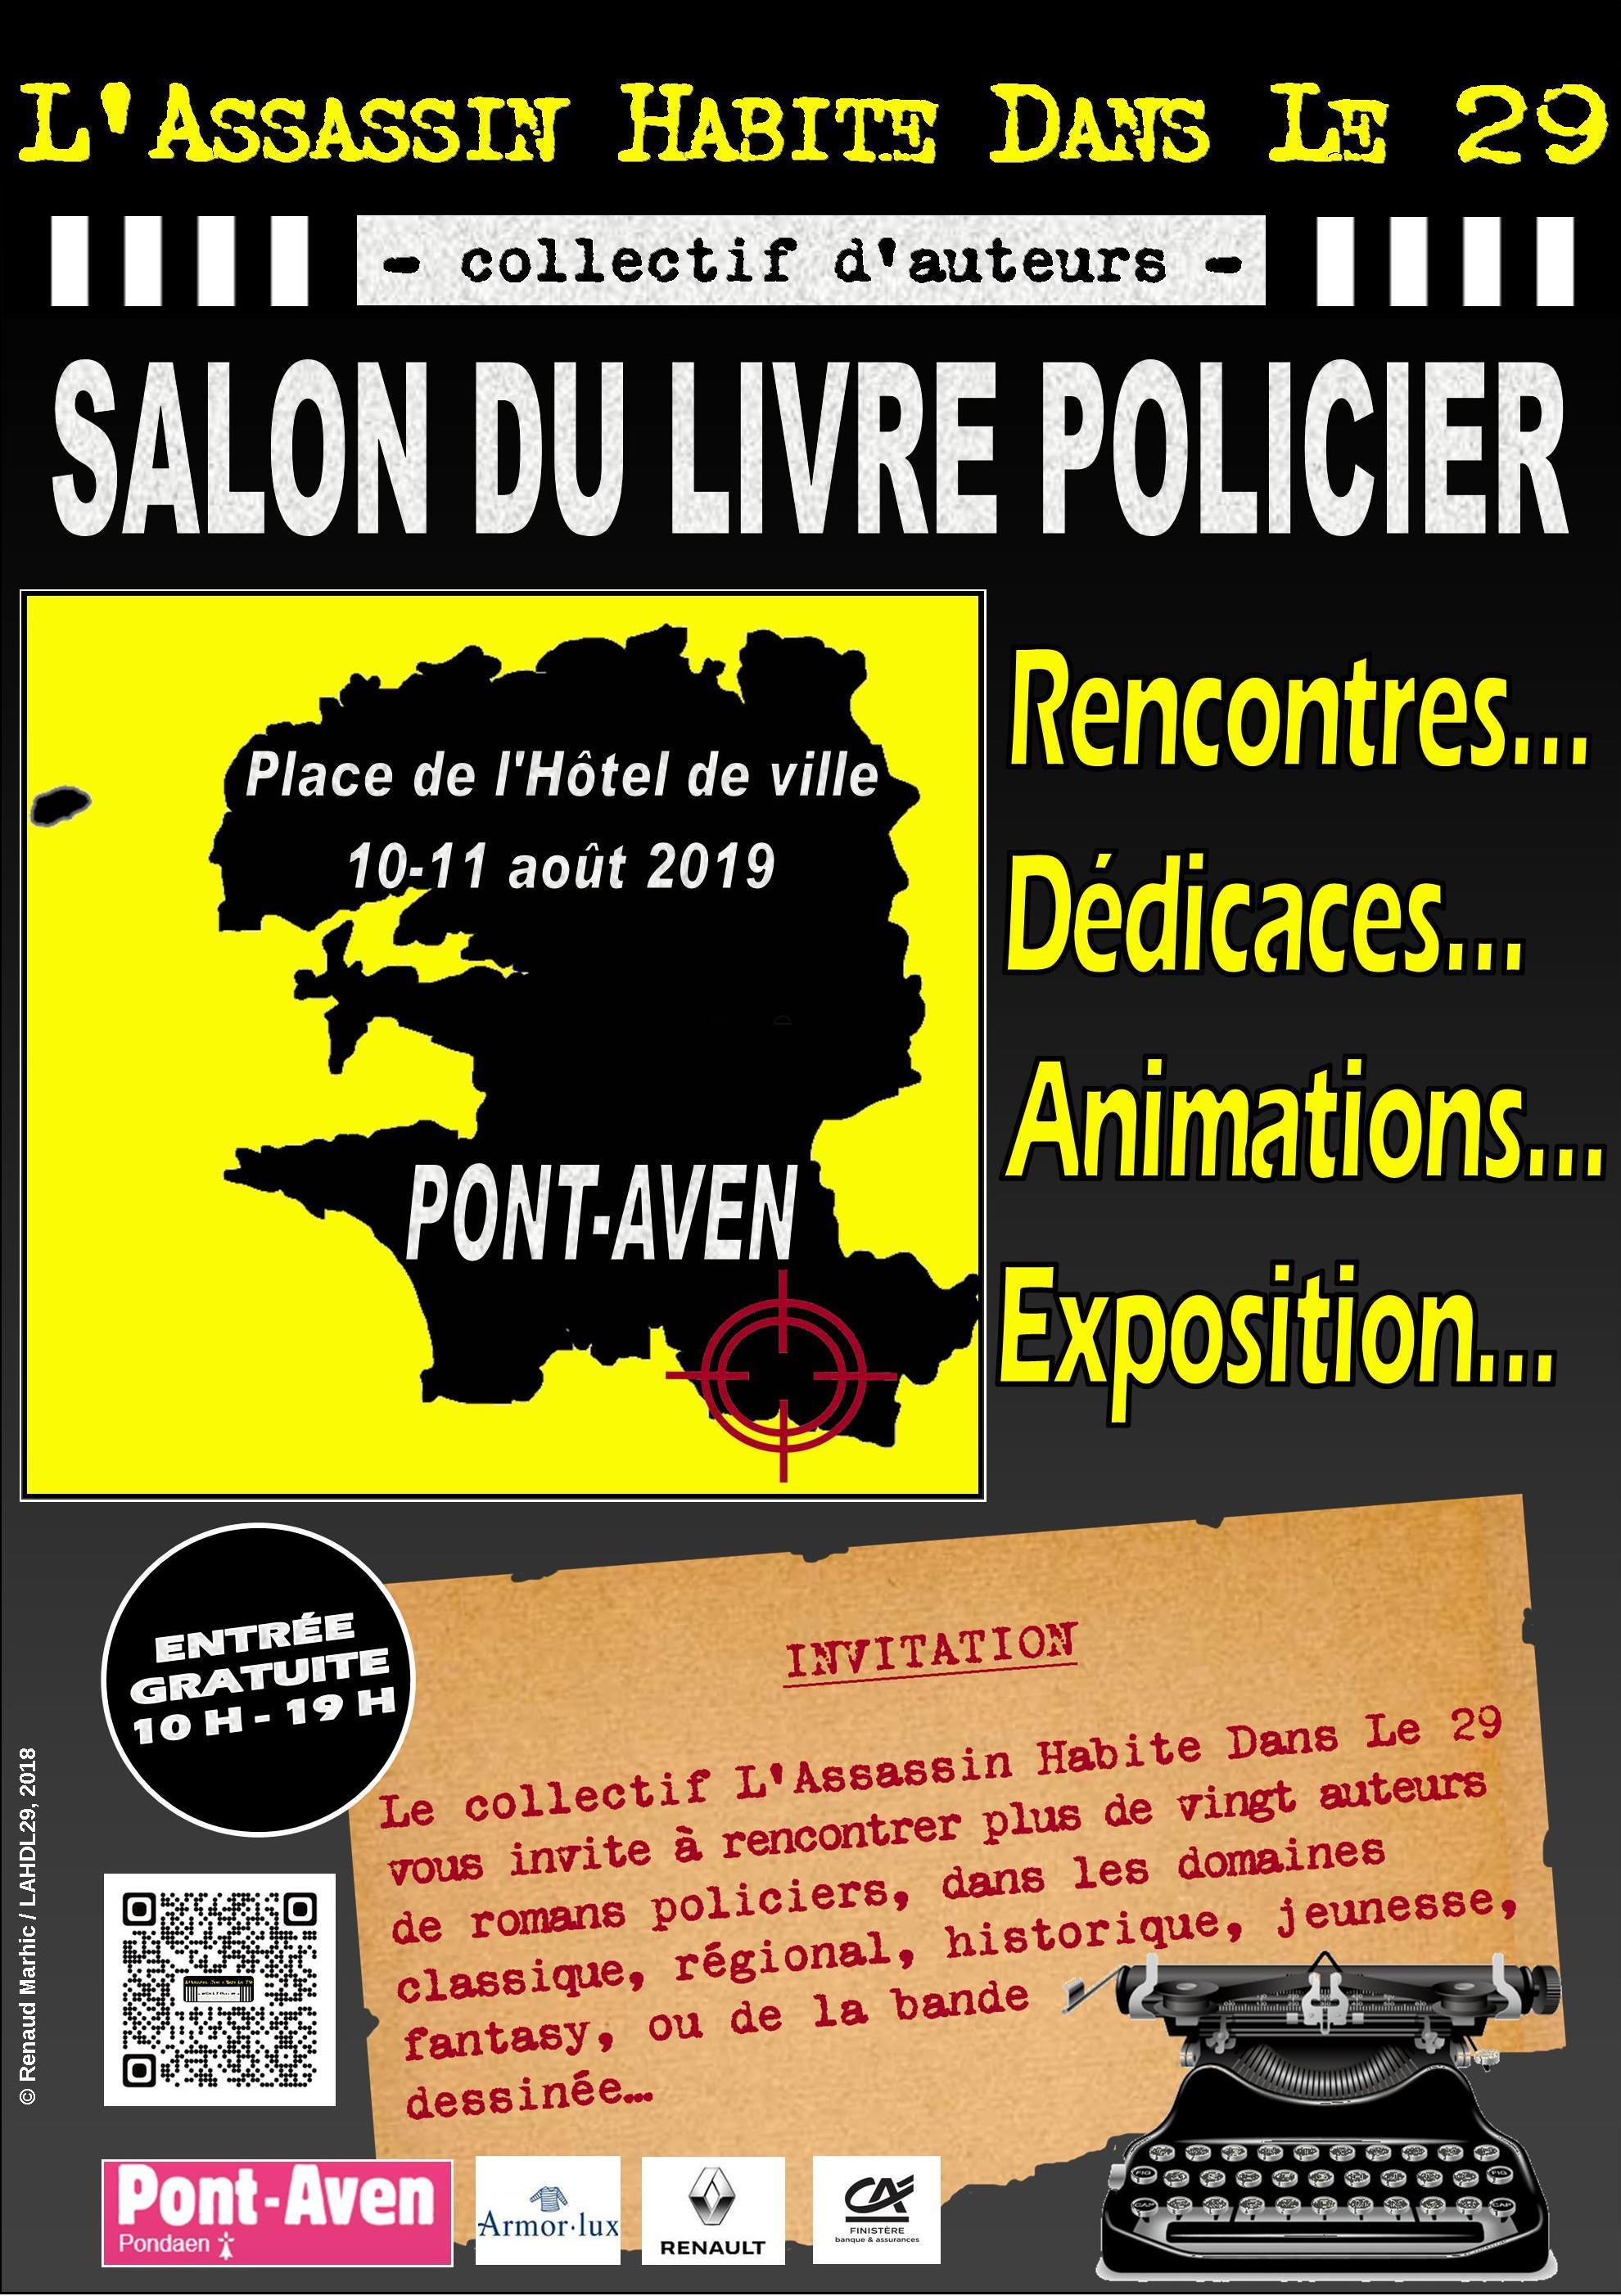 Les Lutins Urbains au salon du Livre Policier de L'Assassin Habite Dans Le 29 à Pont-Aven 2019